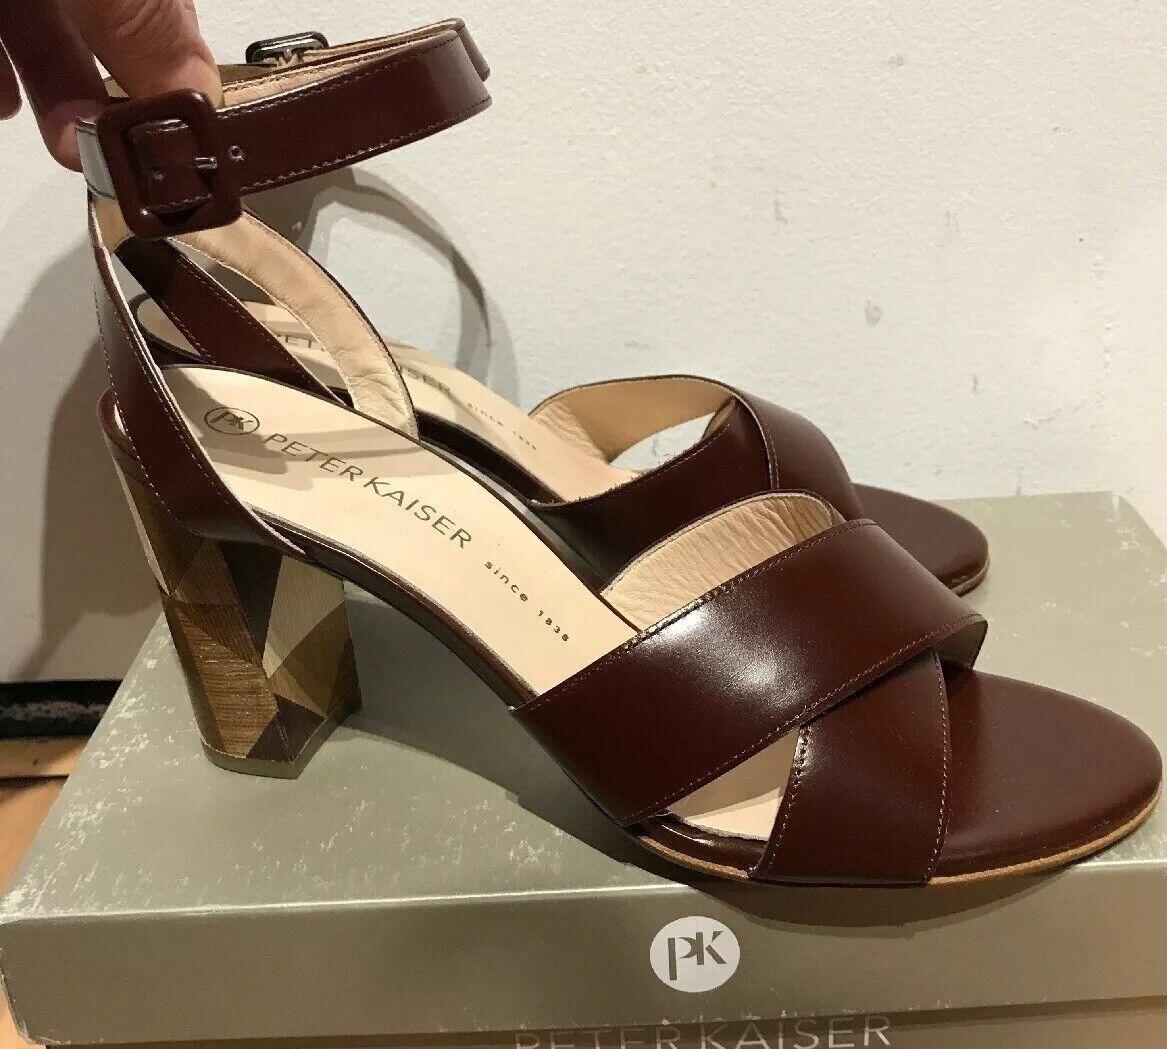 vendendo bene in tutto il mondo PETER KAIZER PIETRA donna Marrone Marrone Marrone LEATHER HEEL SANDALS scarpe 9.5 NEW  shopping online e negozio di moda